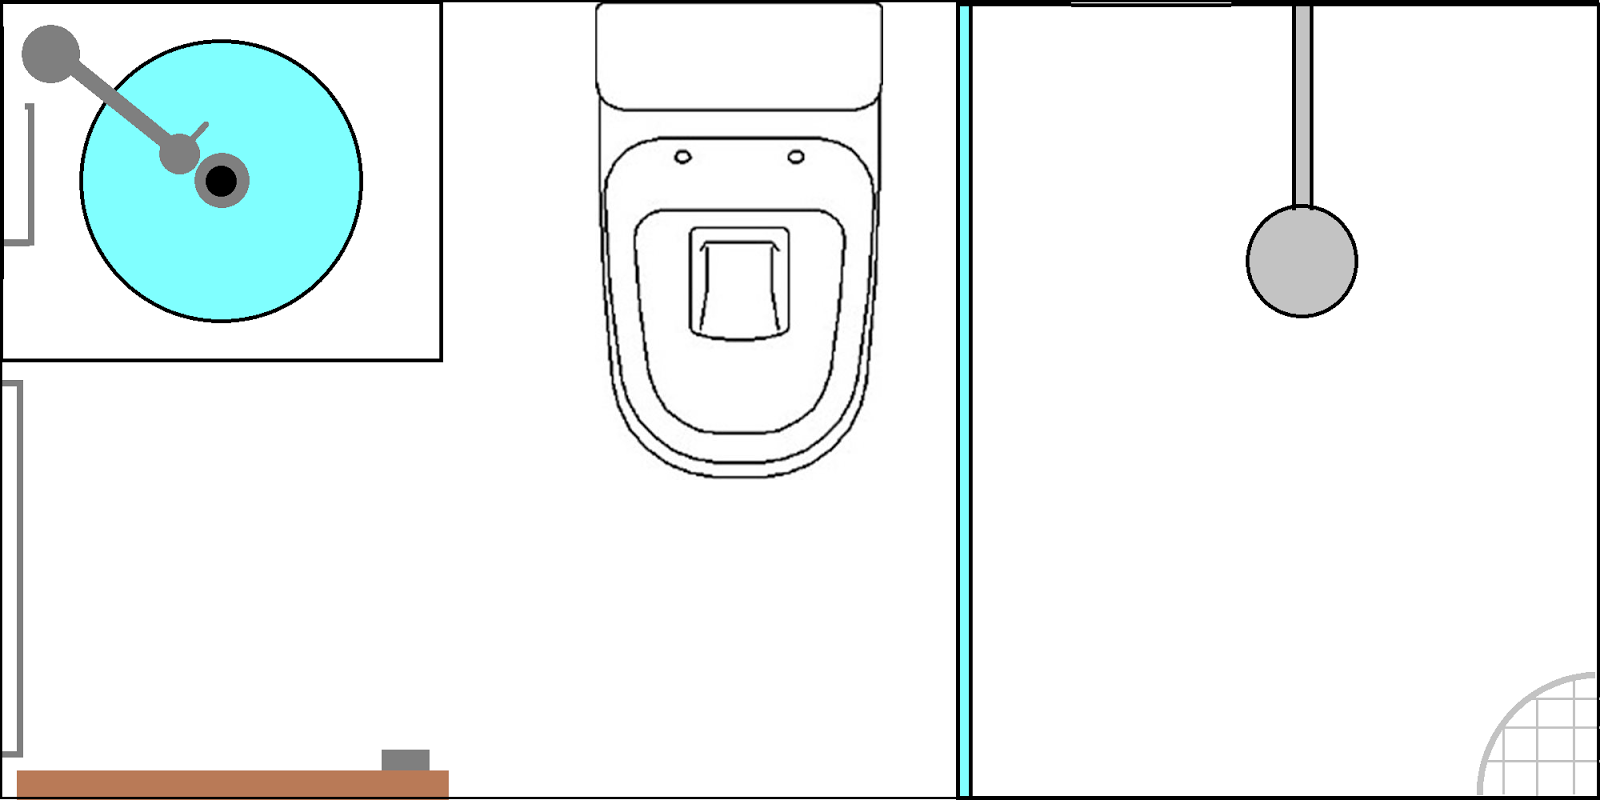 Cafofo Sonhado: Decorando banheiros pequenos: 2 banheiros 2m² cada  #06C5C5 1600 800